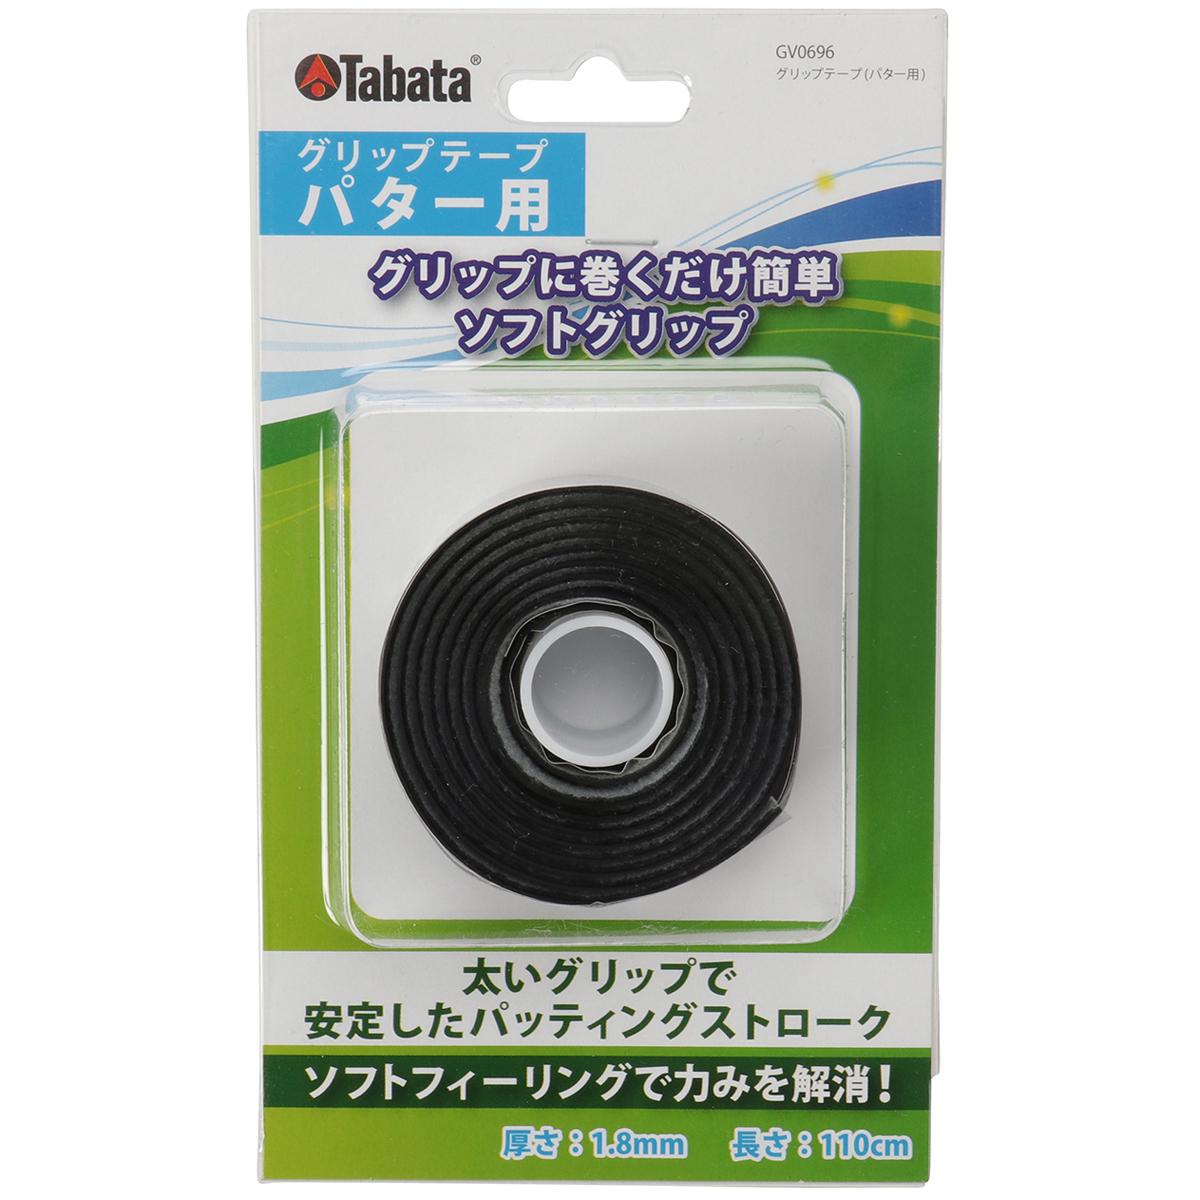 グリップテープ パター用GV-0696